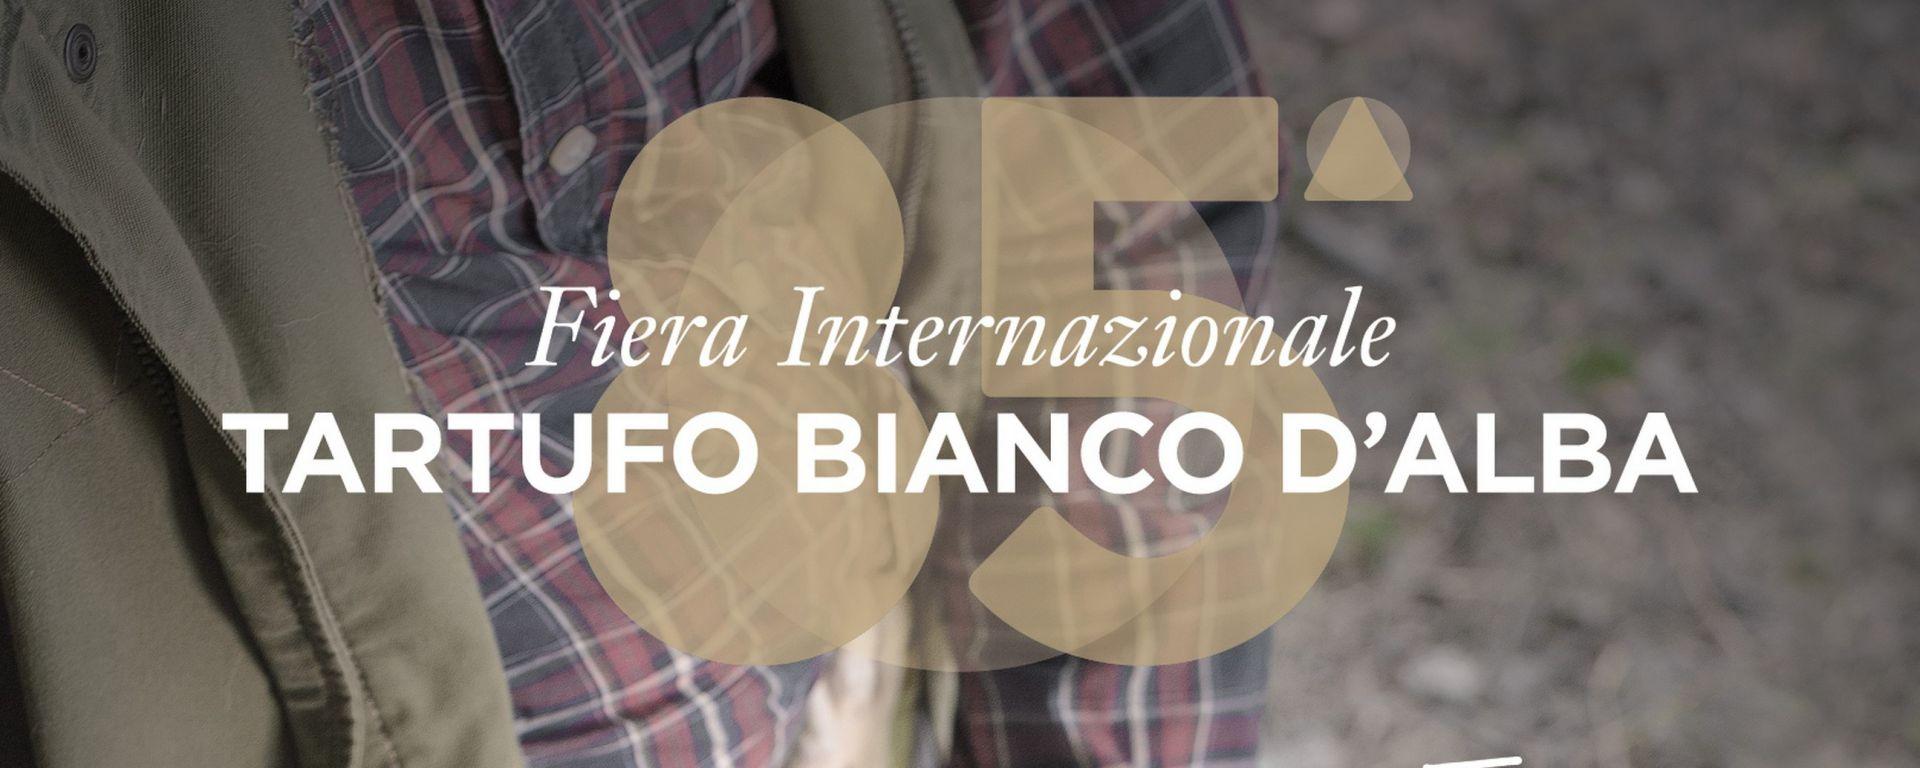 DS: sponsor della Fiera Internazionale Tartufo Bianco d'Alba